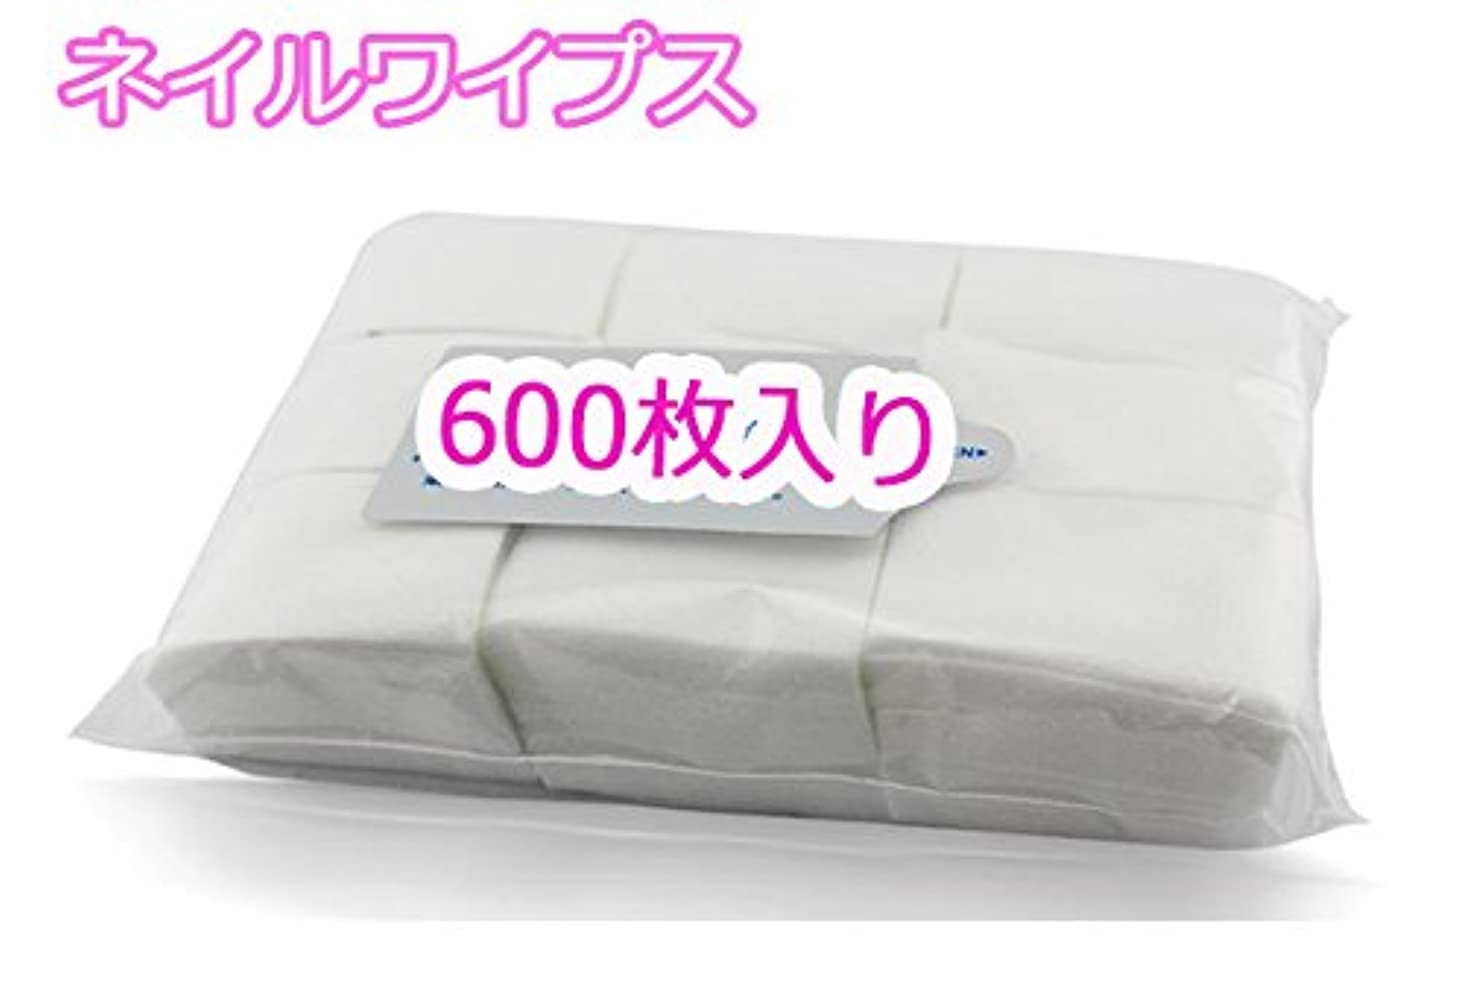 緑ミュート便益ネイルワイプス 【600枚入り】